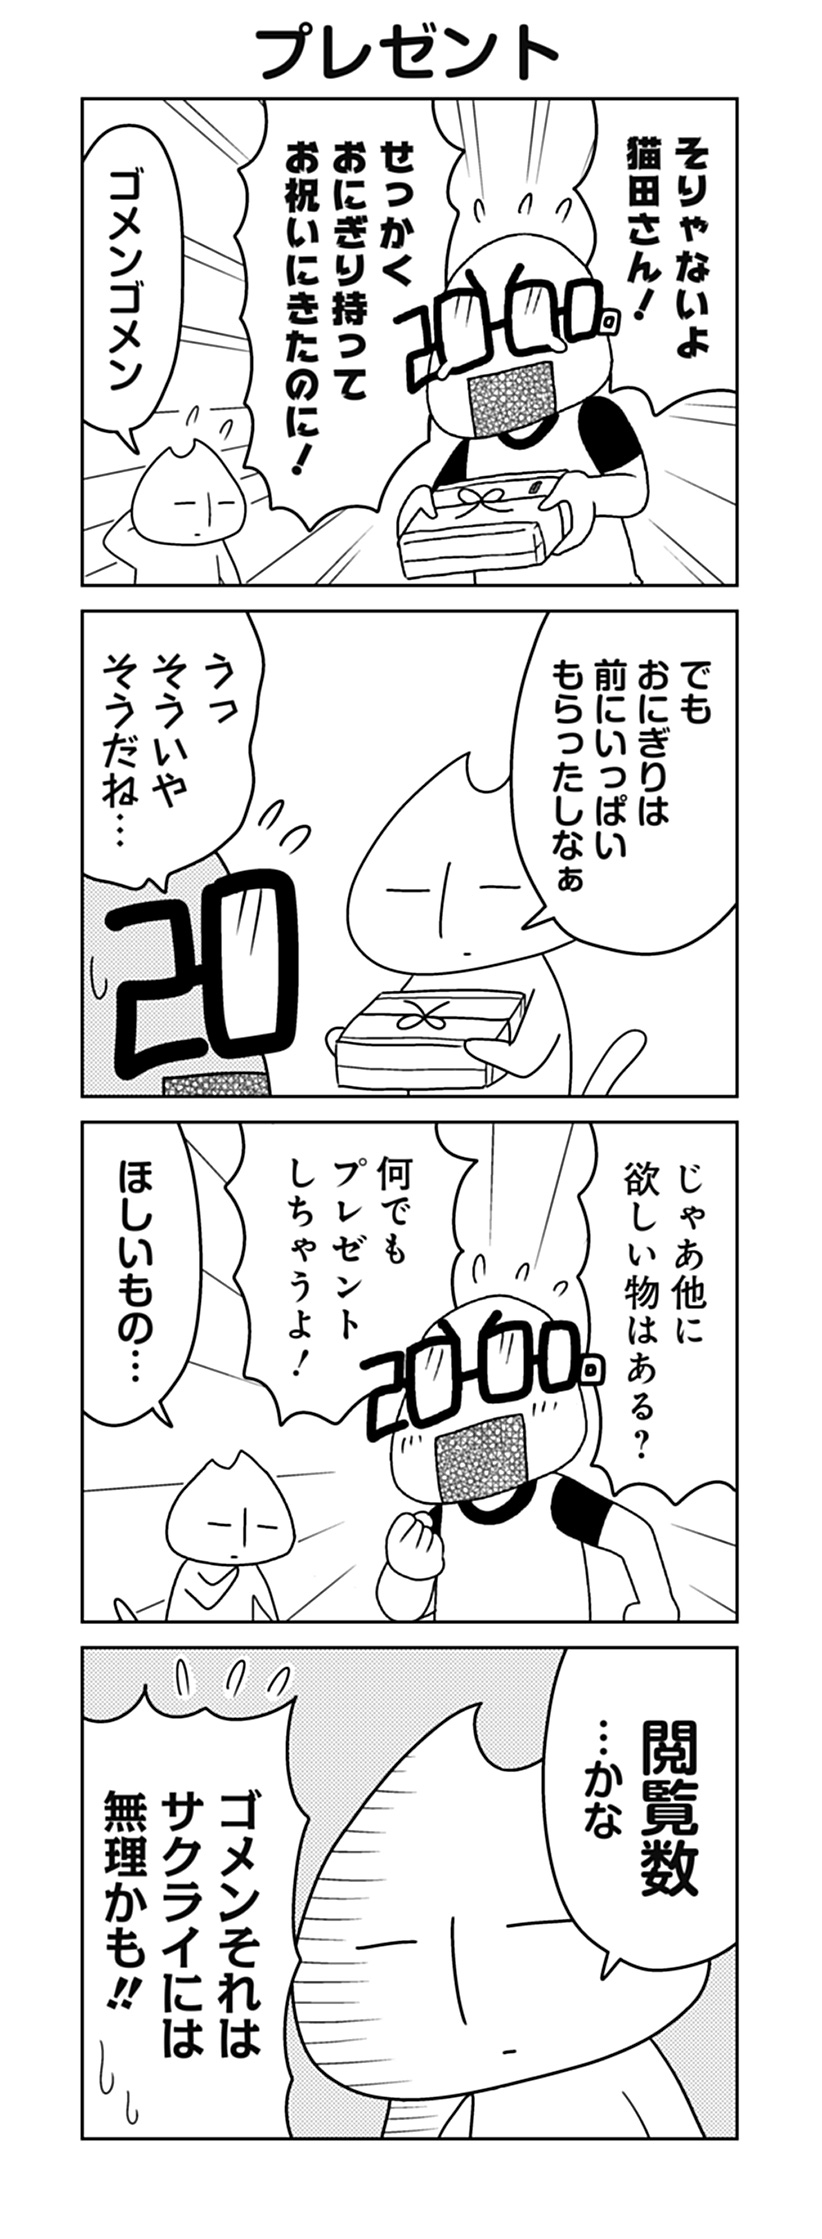 f:id:jumpplus:20200309182725j:plain